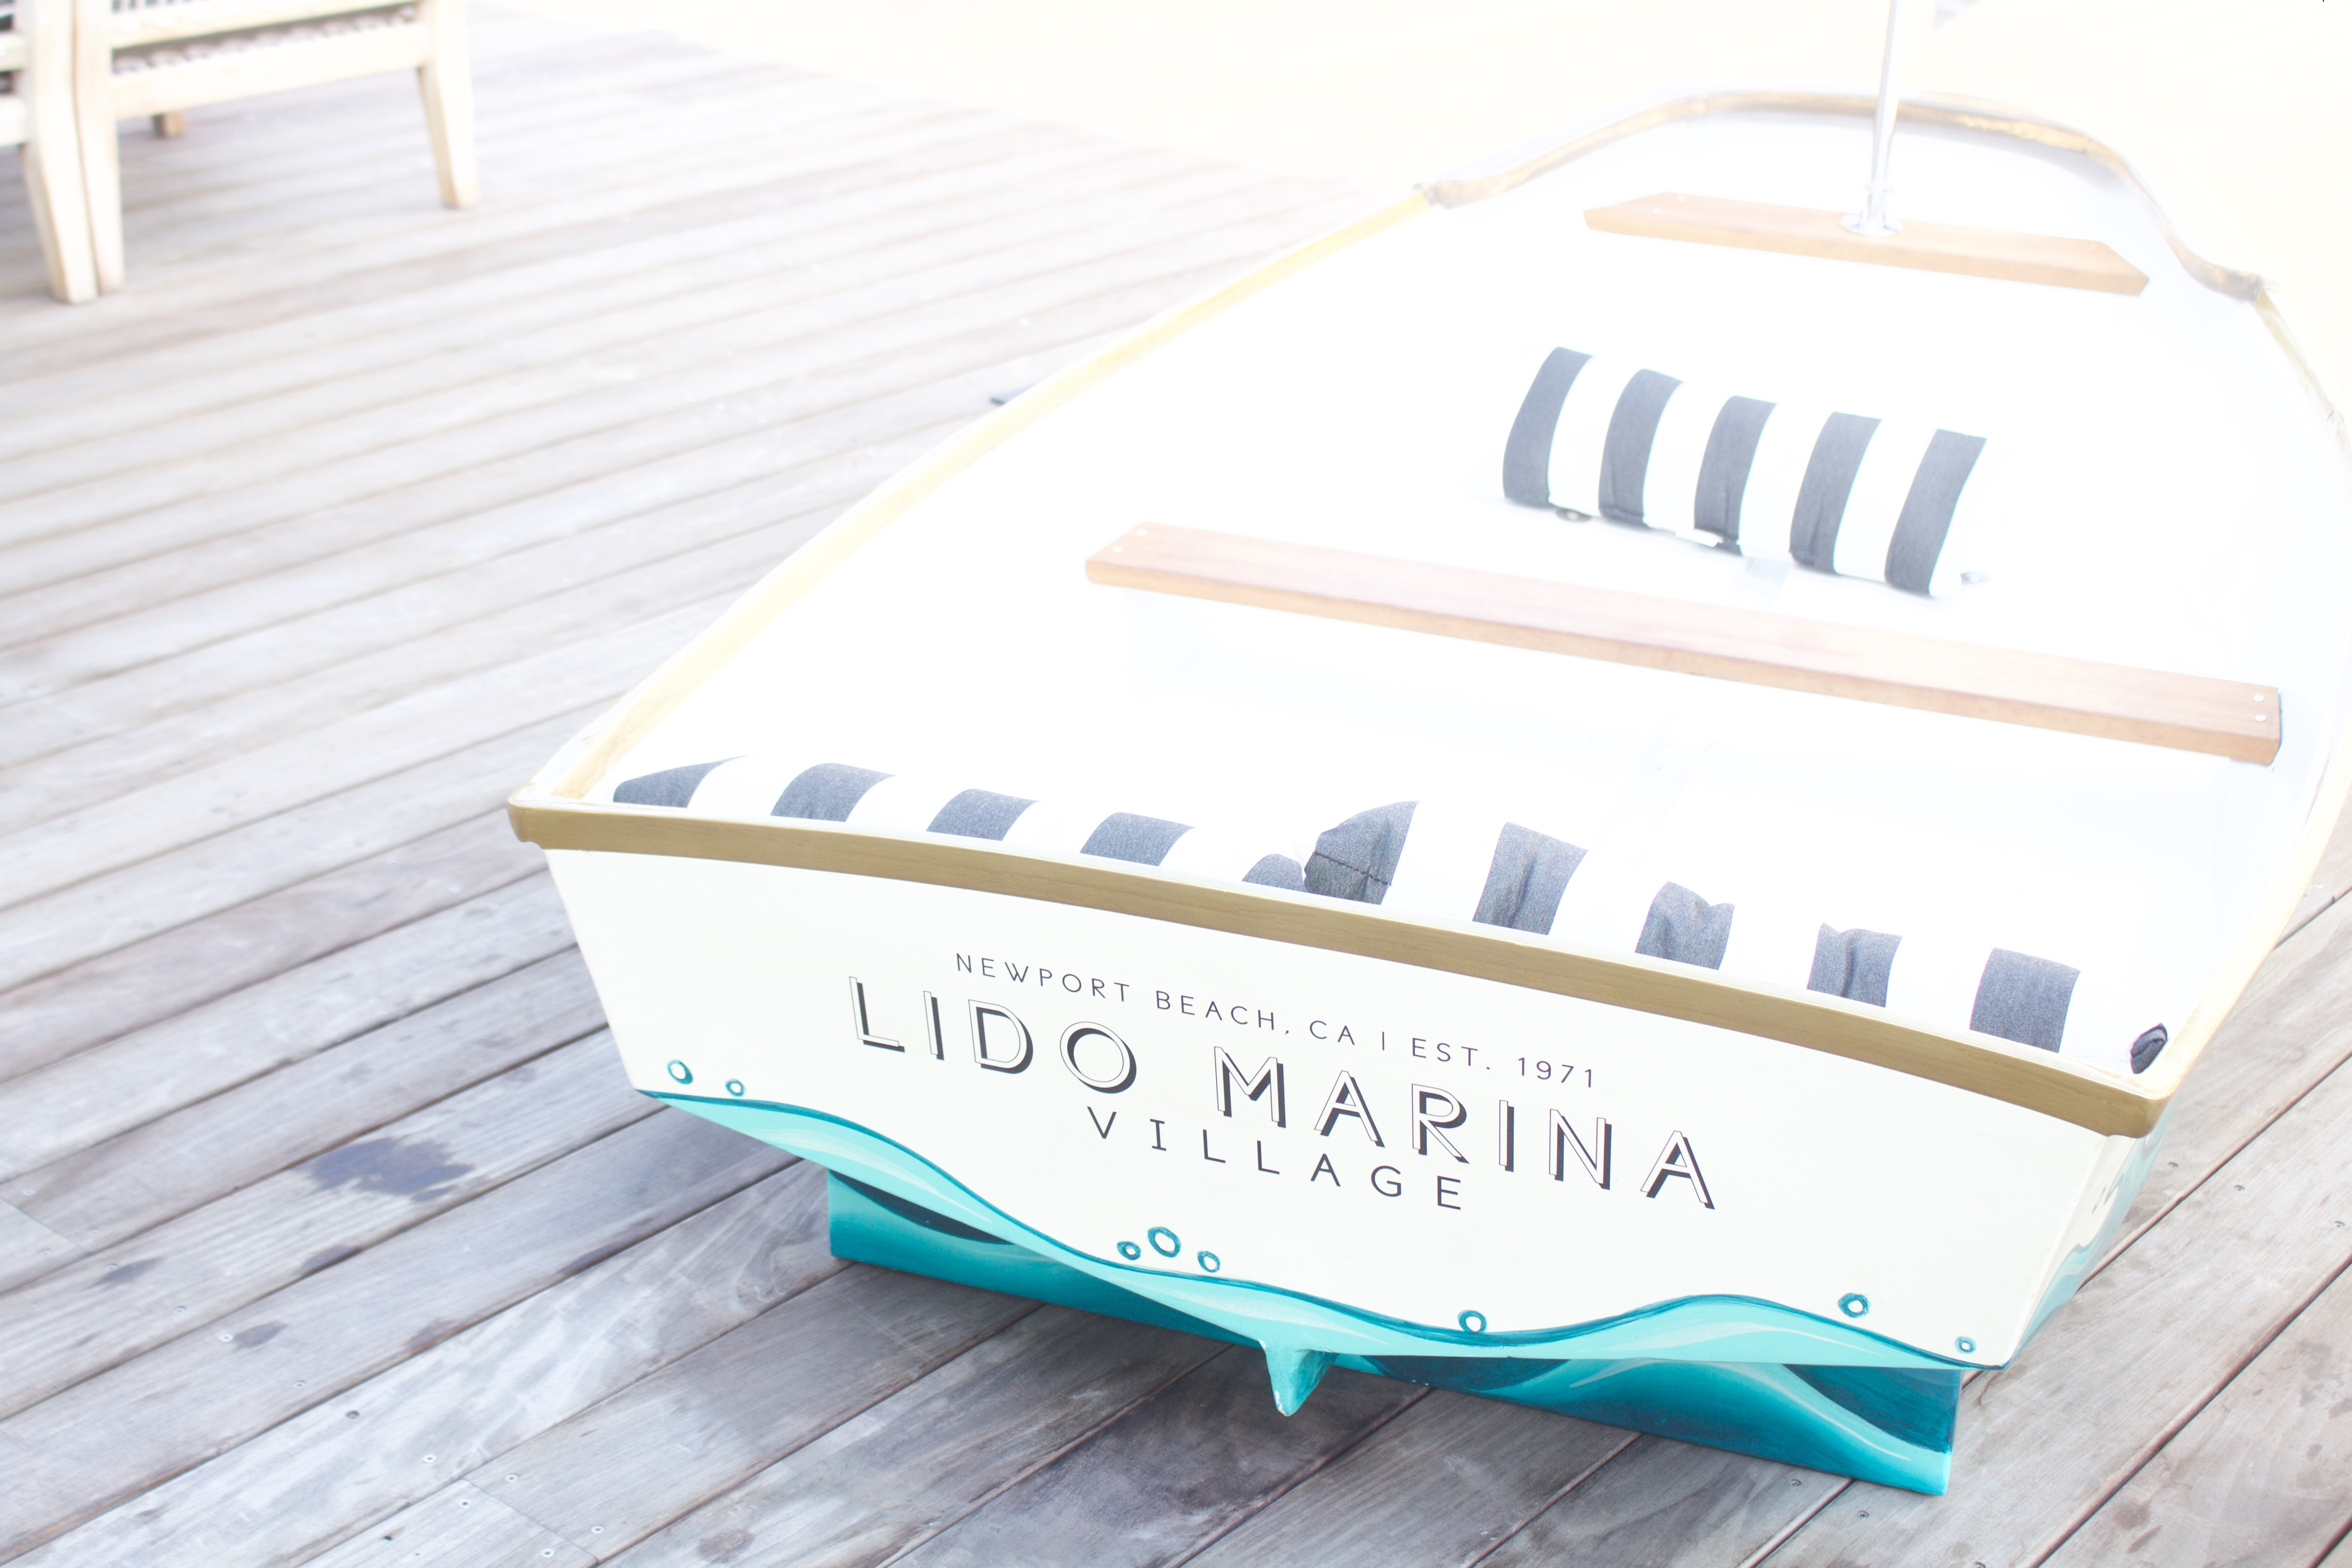 Lido Marina Village 1